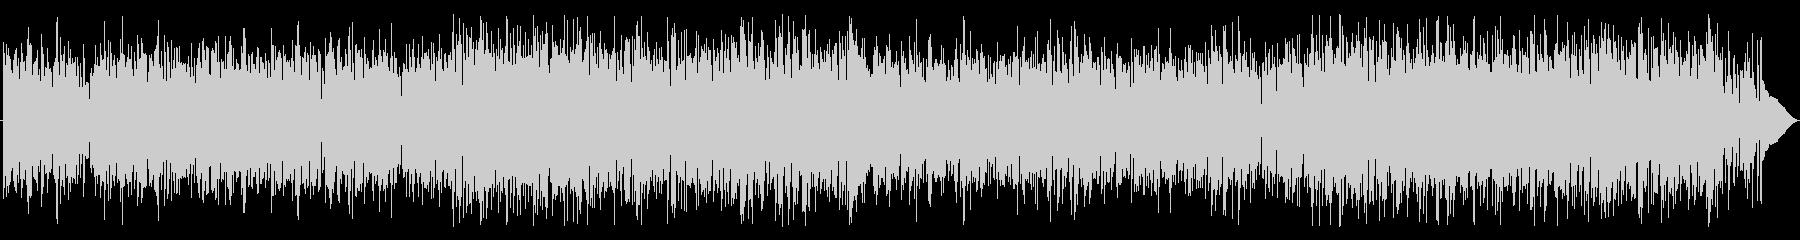 ソフトタッチのファンク ロックの未再生の波形